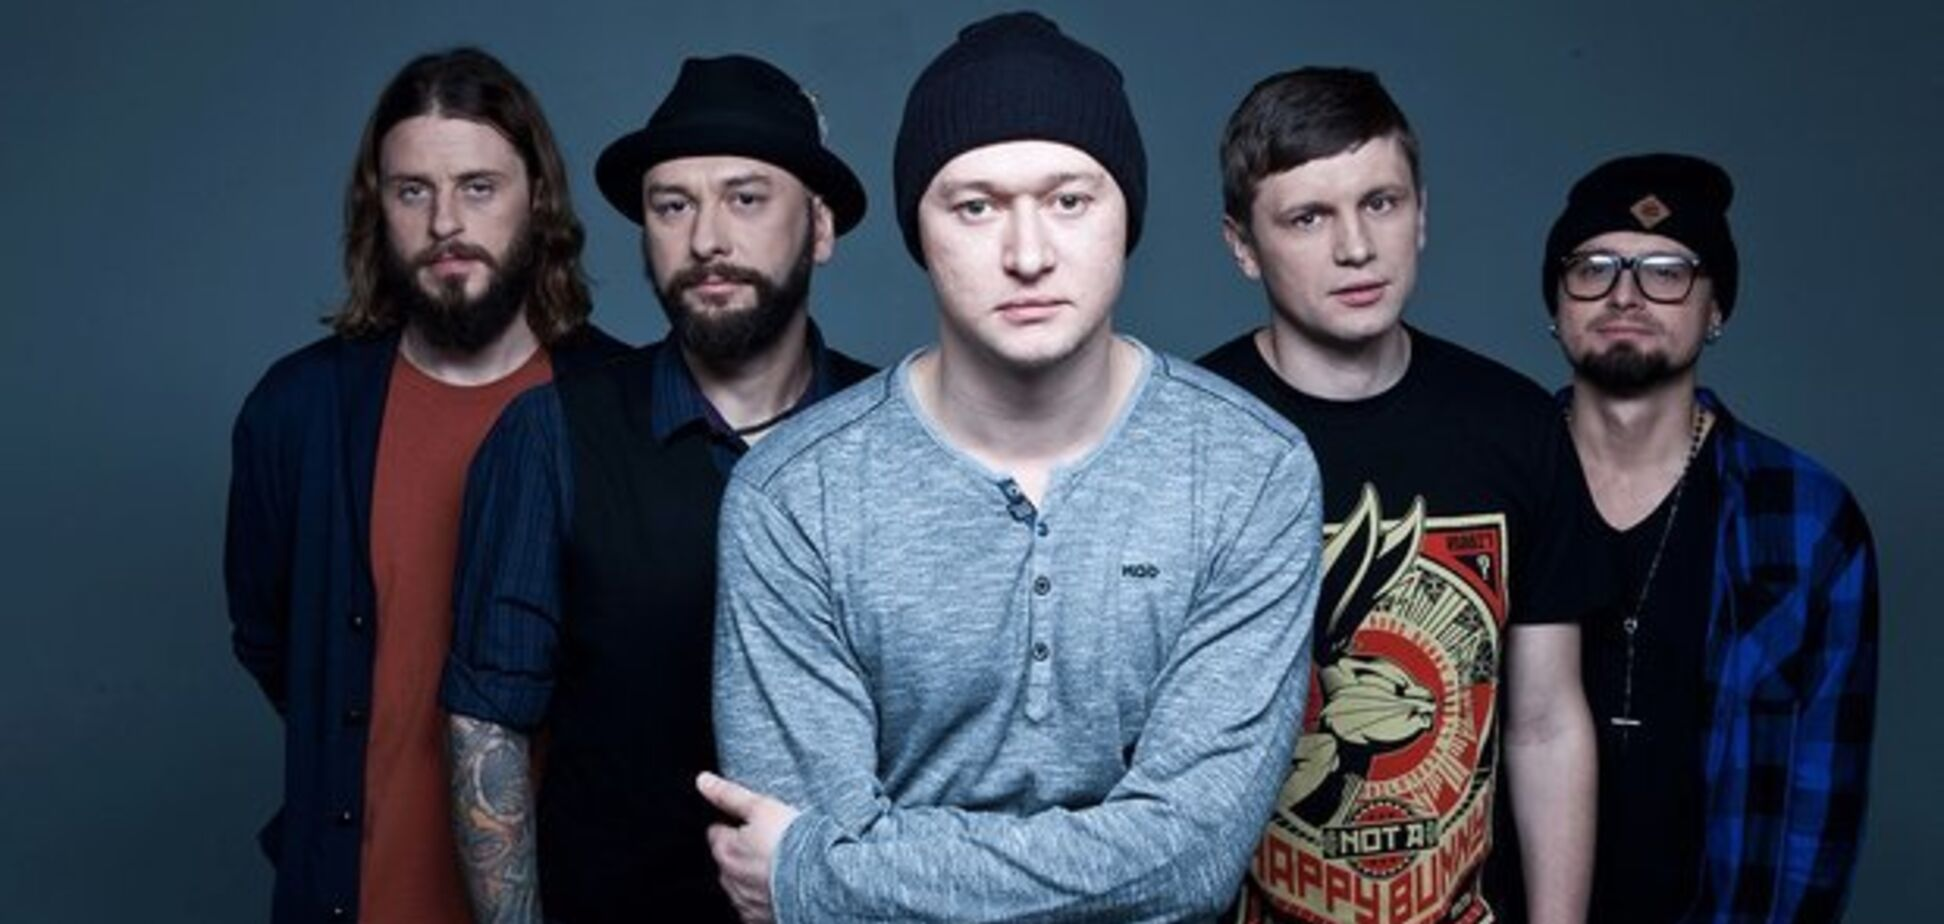 Старый добрый 'Бумбокс': в сети расхвалили новый сингл группы 'Твій на всі 100%'